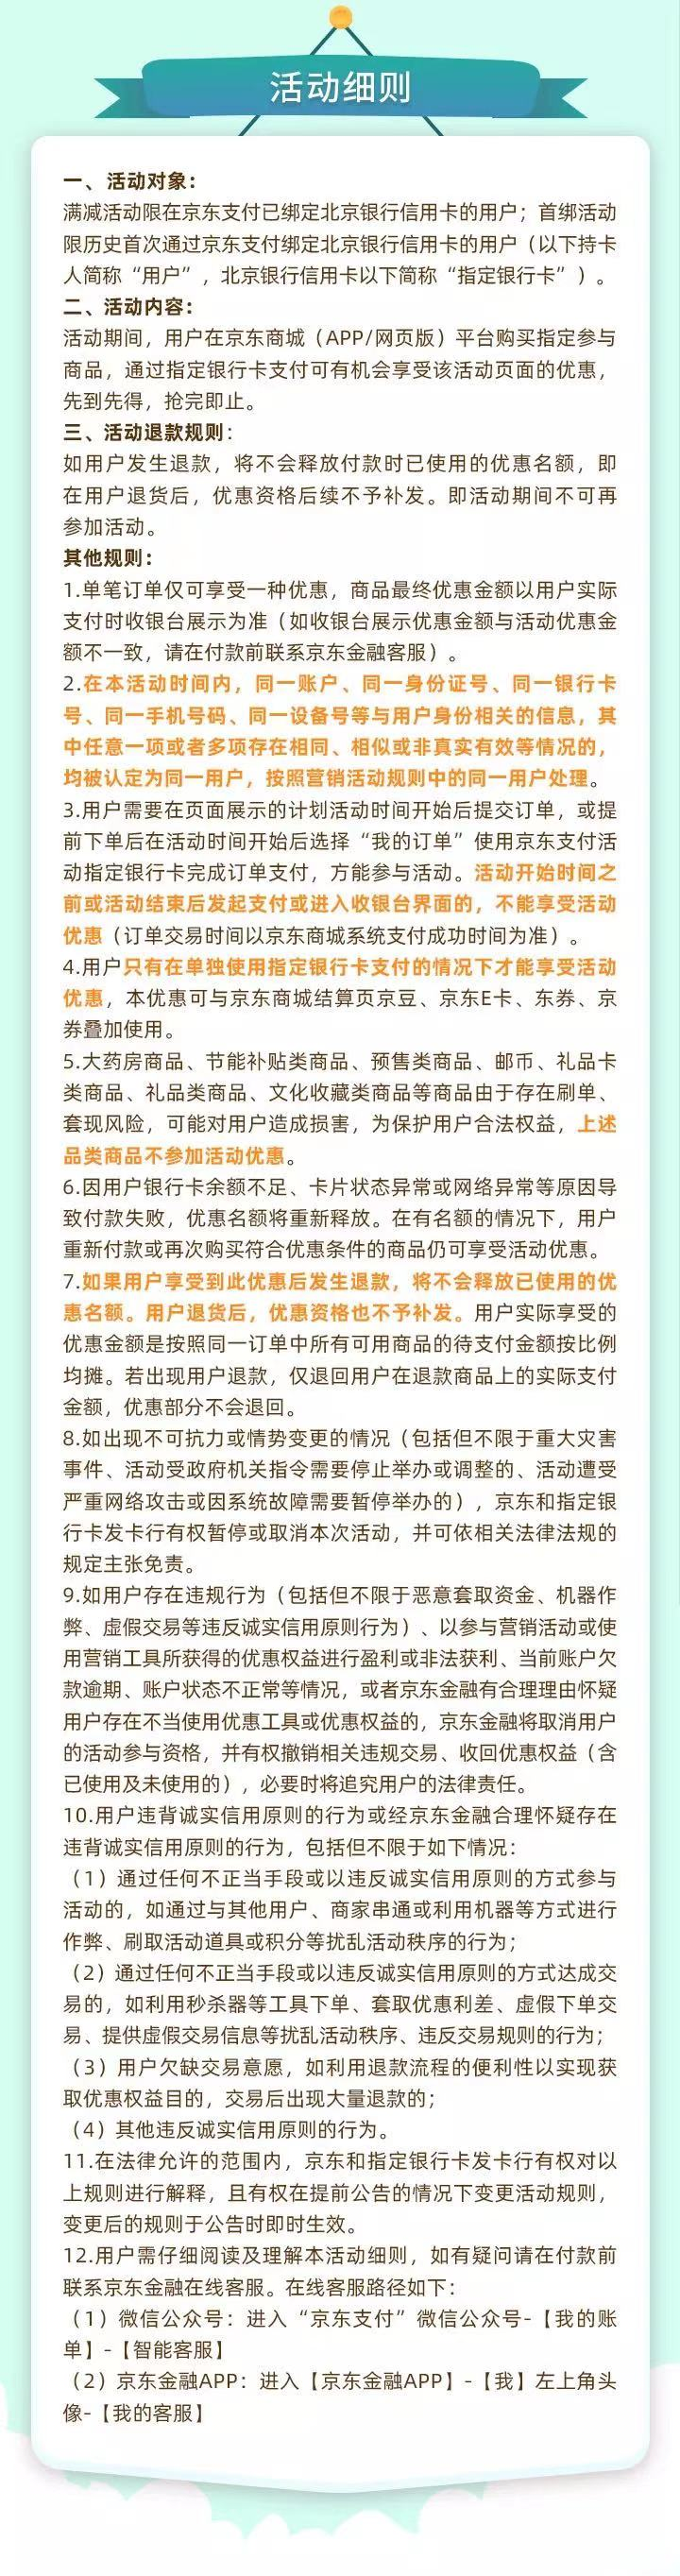 2021年4月6日北京银行信用卡优惠活动推荐